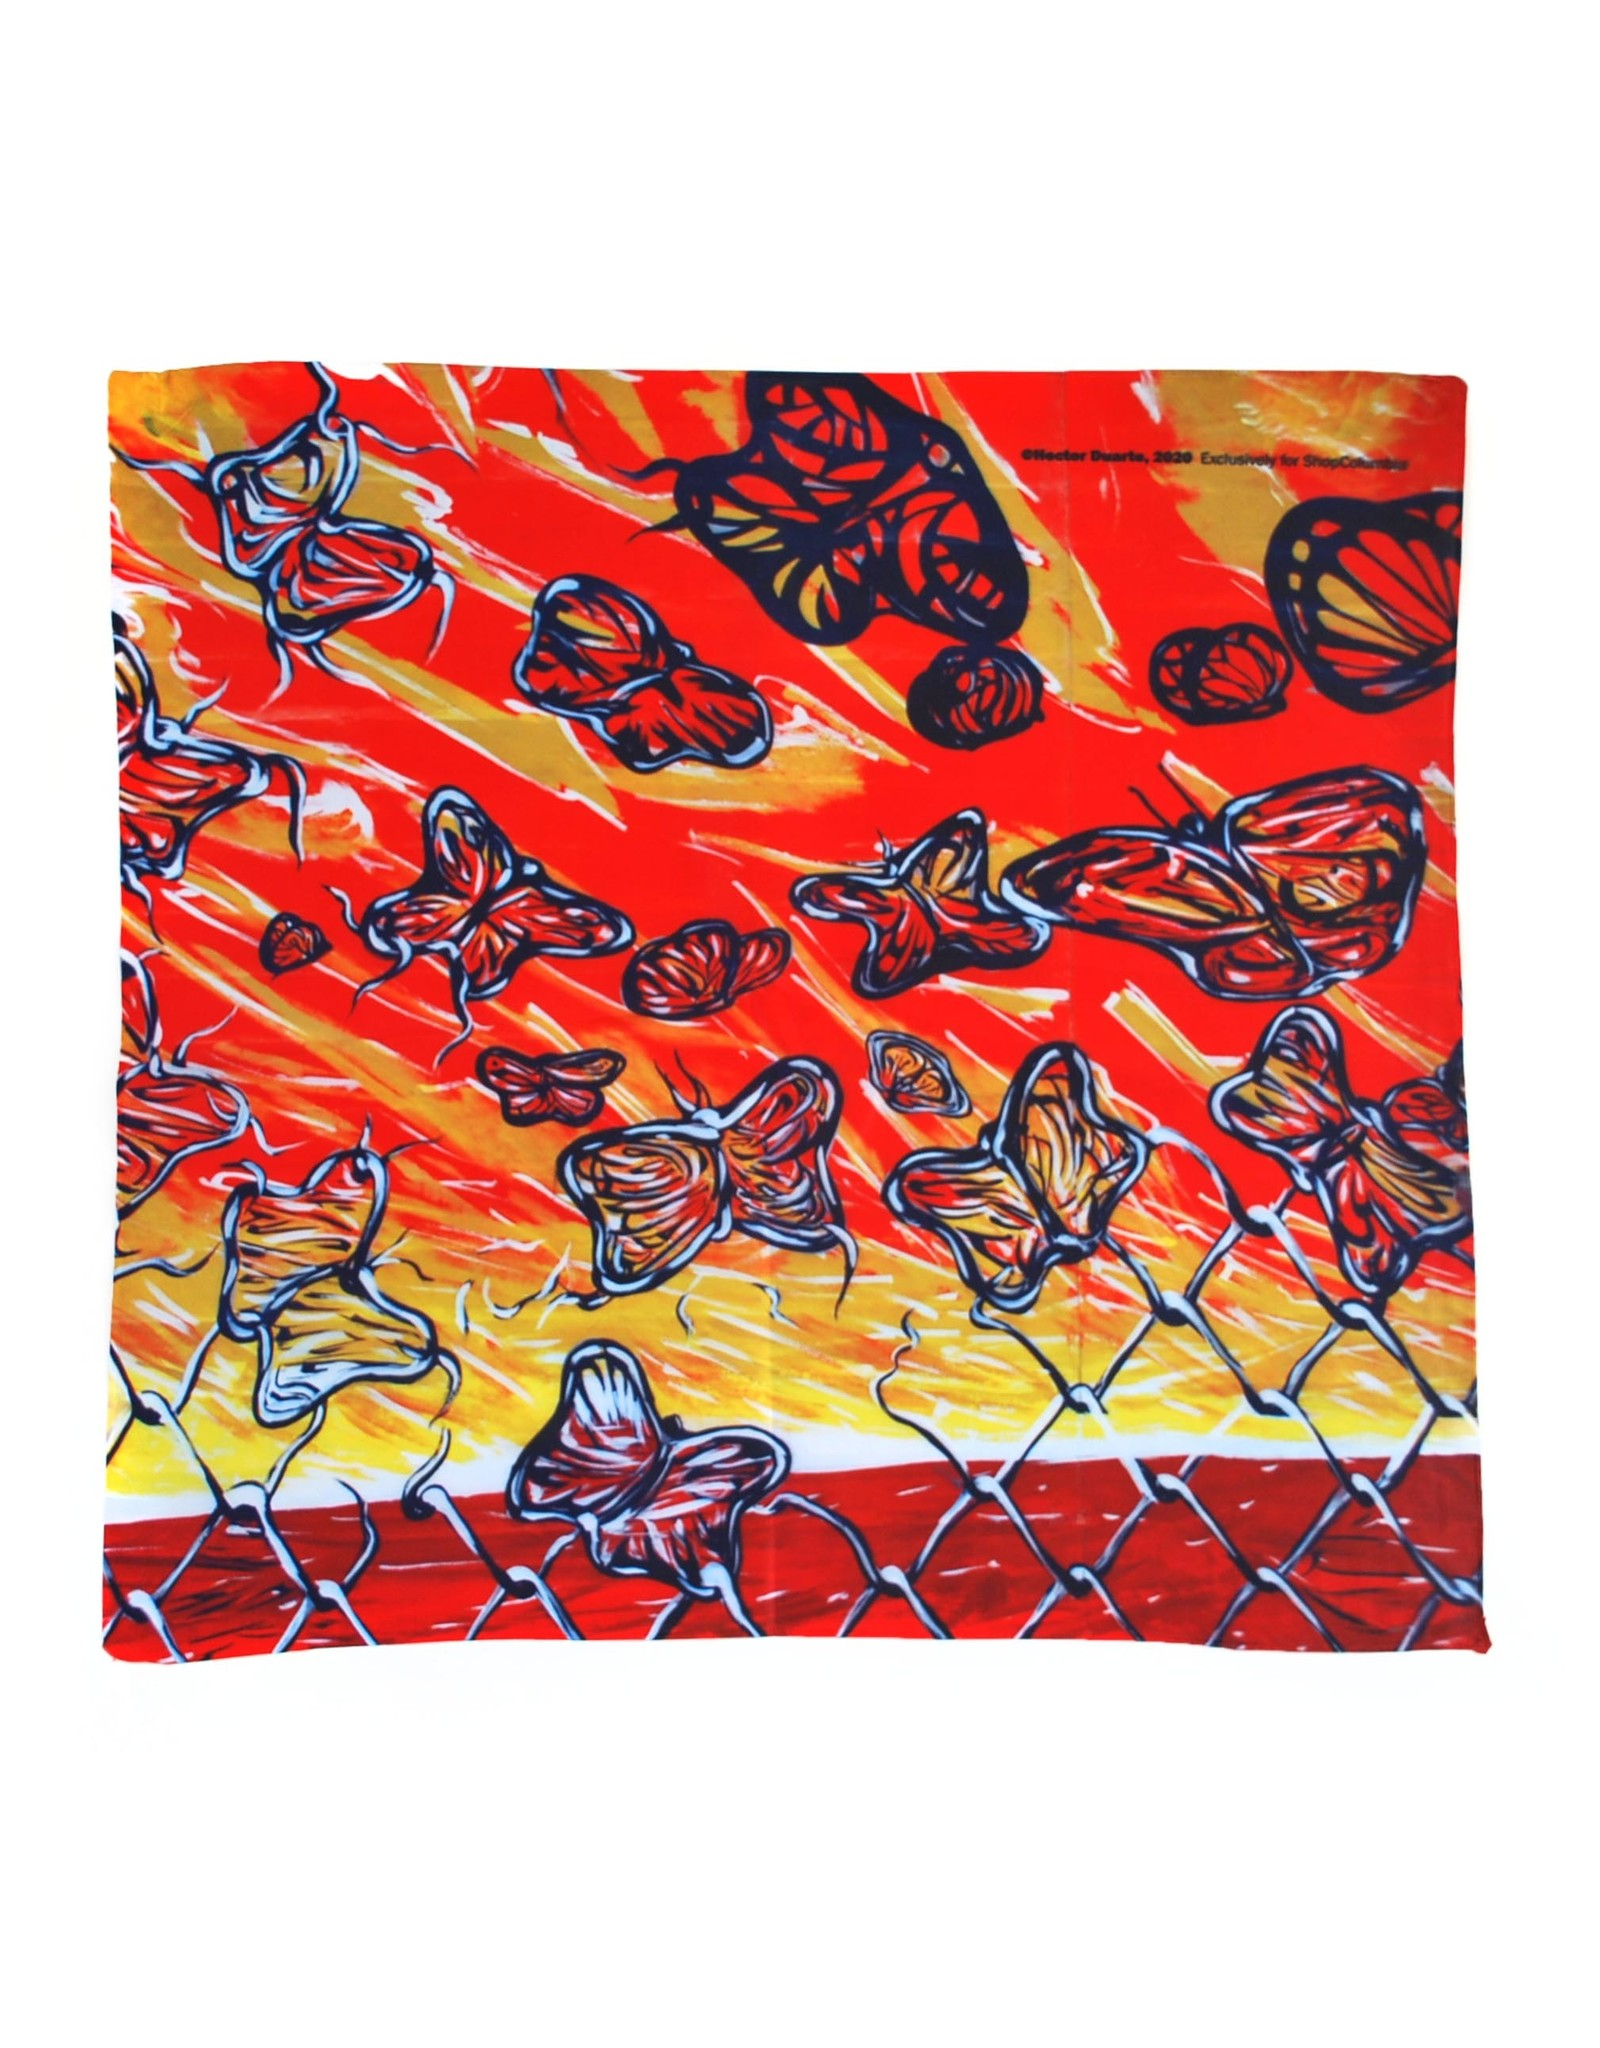 Buy Columbia, By Columbia Desenredando Fronteras scarf by Hector Duarte